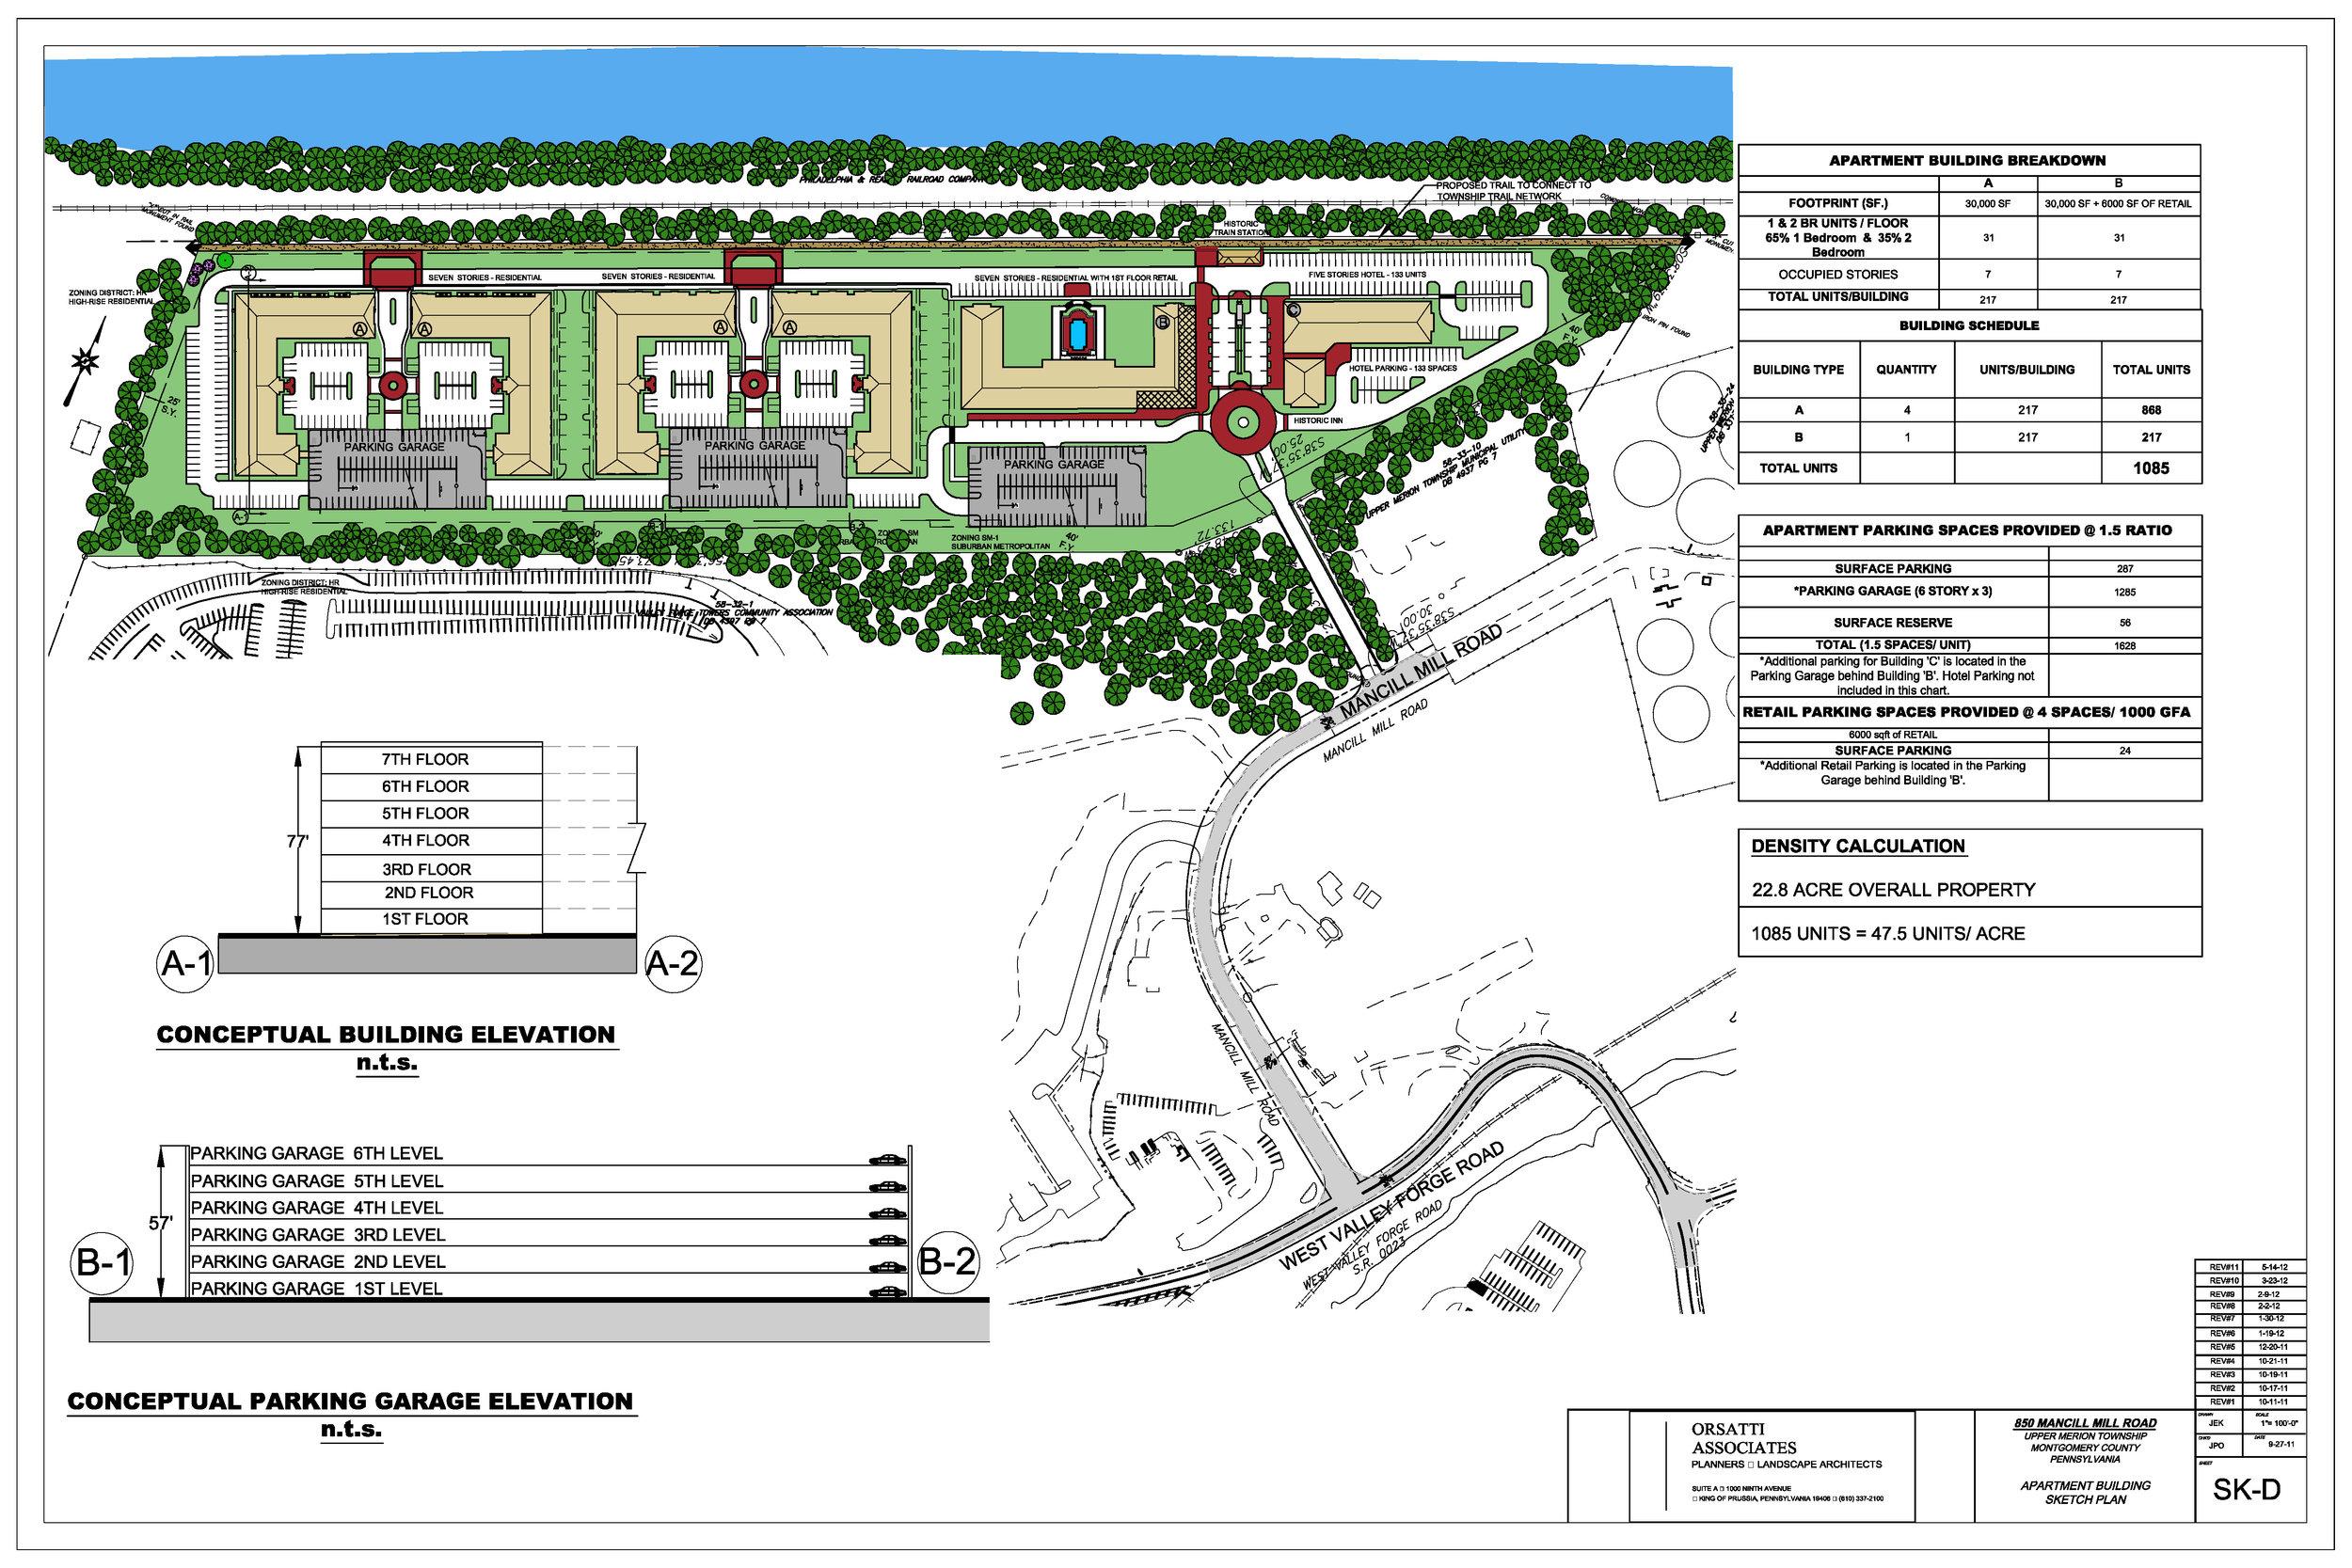 REV #11 Orsatti - Mancil Mill Sketch Plan 5-14-12 SK-d.jpg